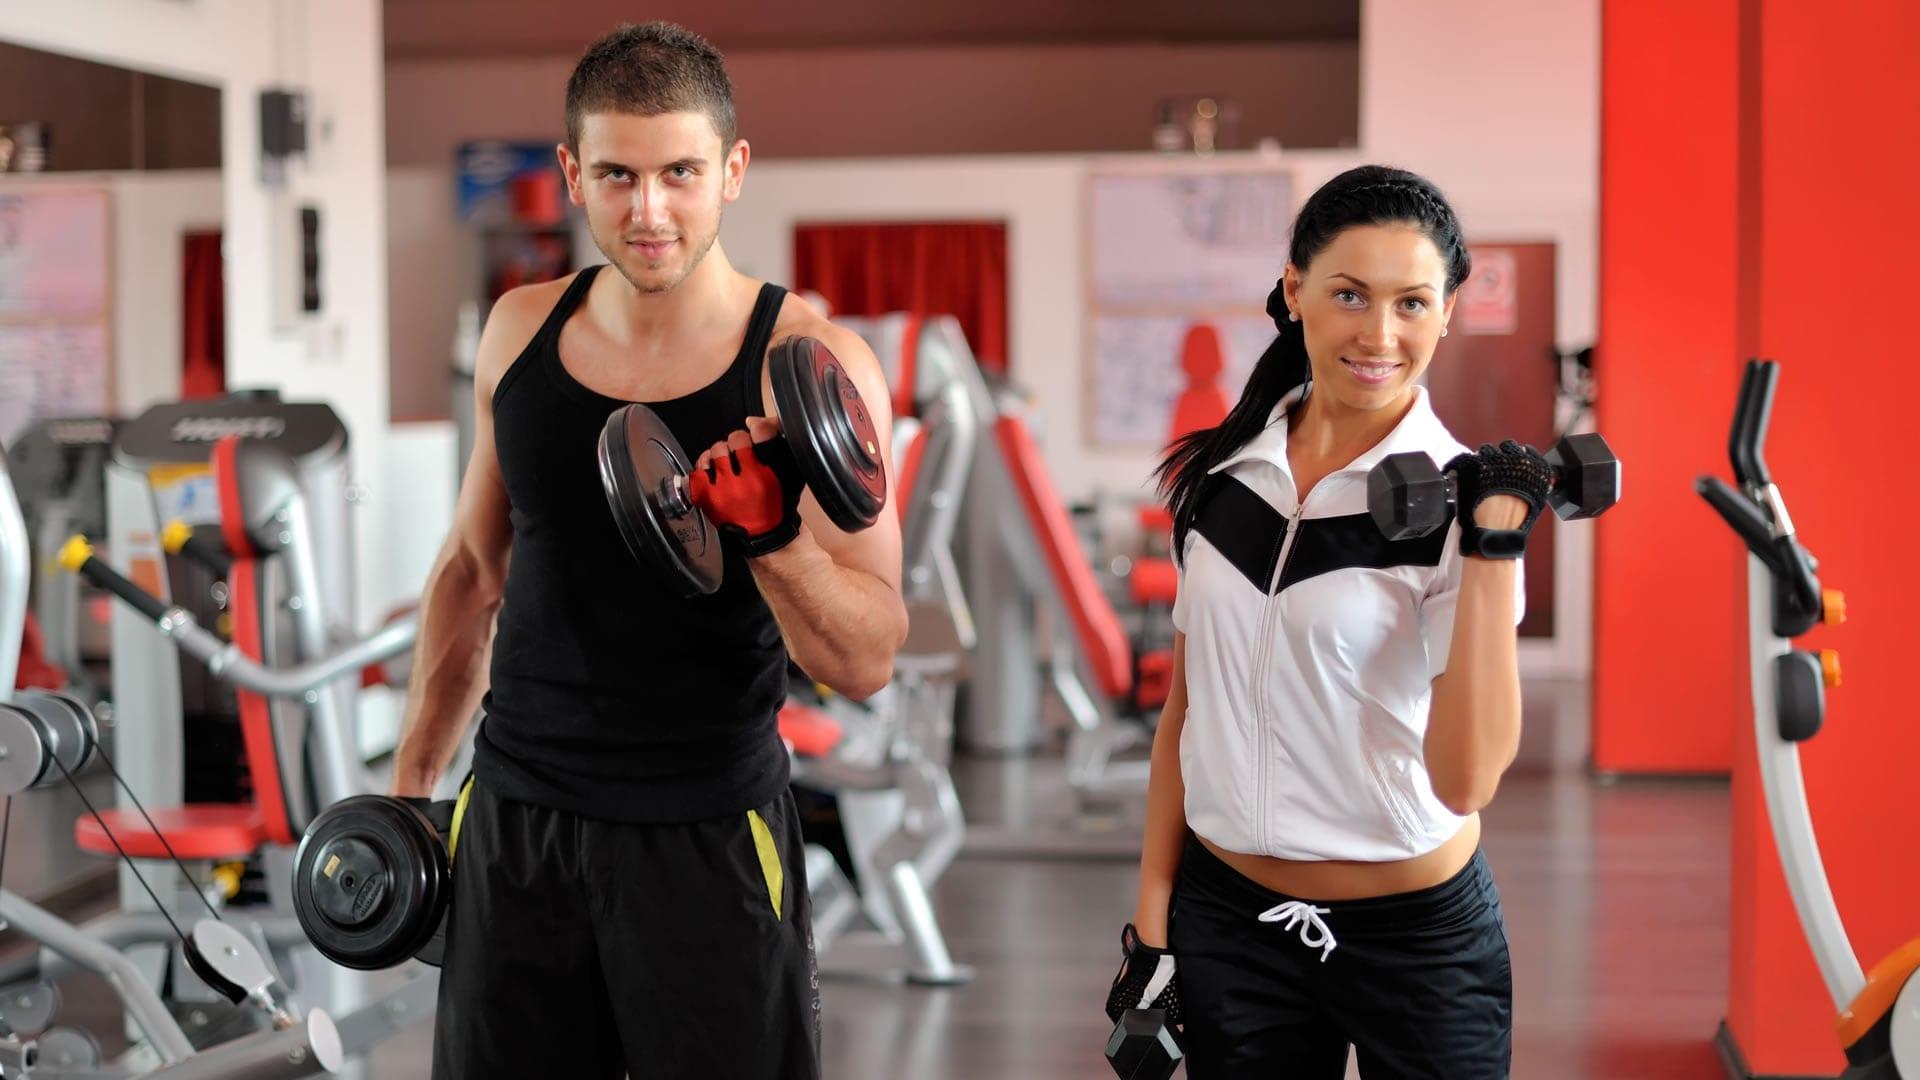 Gu a de gimnasio y musculaci n para principiantes for Gimnasio fitness las rosas